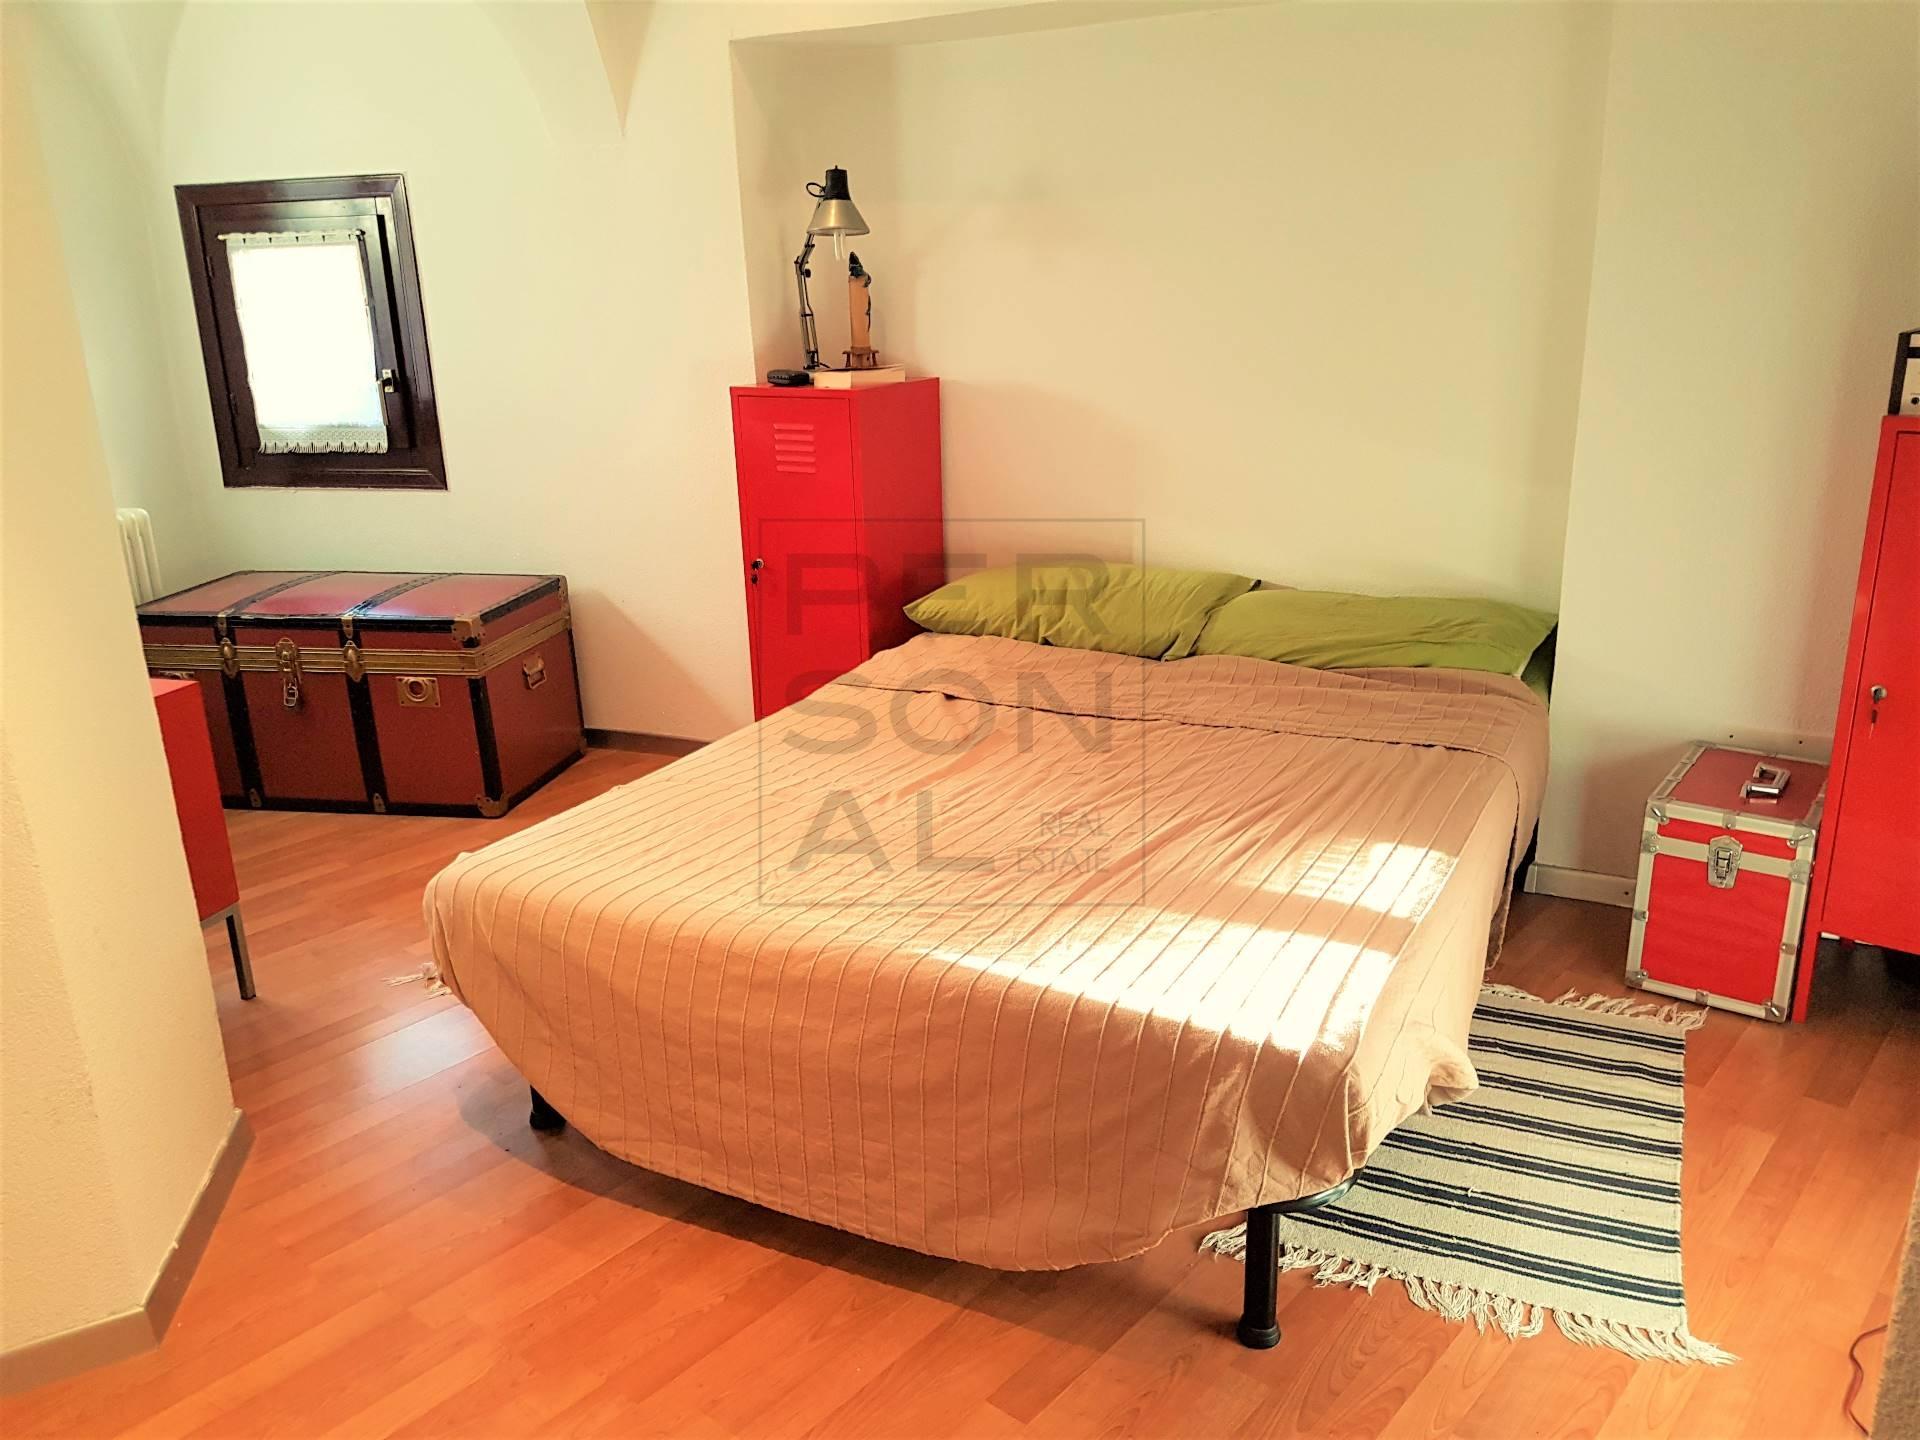 Appartamento in vendita a Lavis, 2 locali, prezzo € 89.000 | Cambio Casa.it